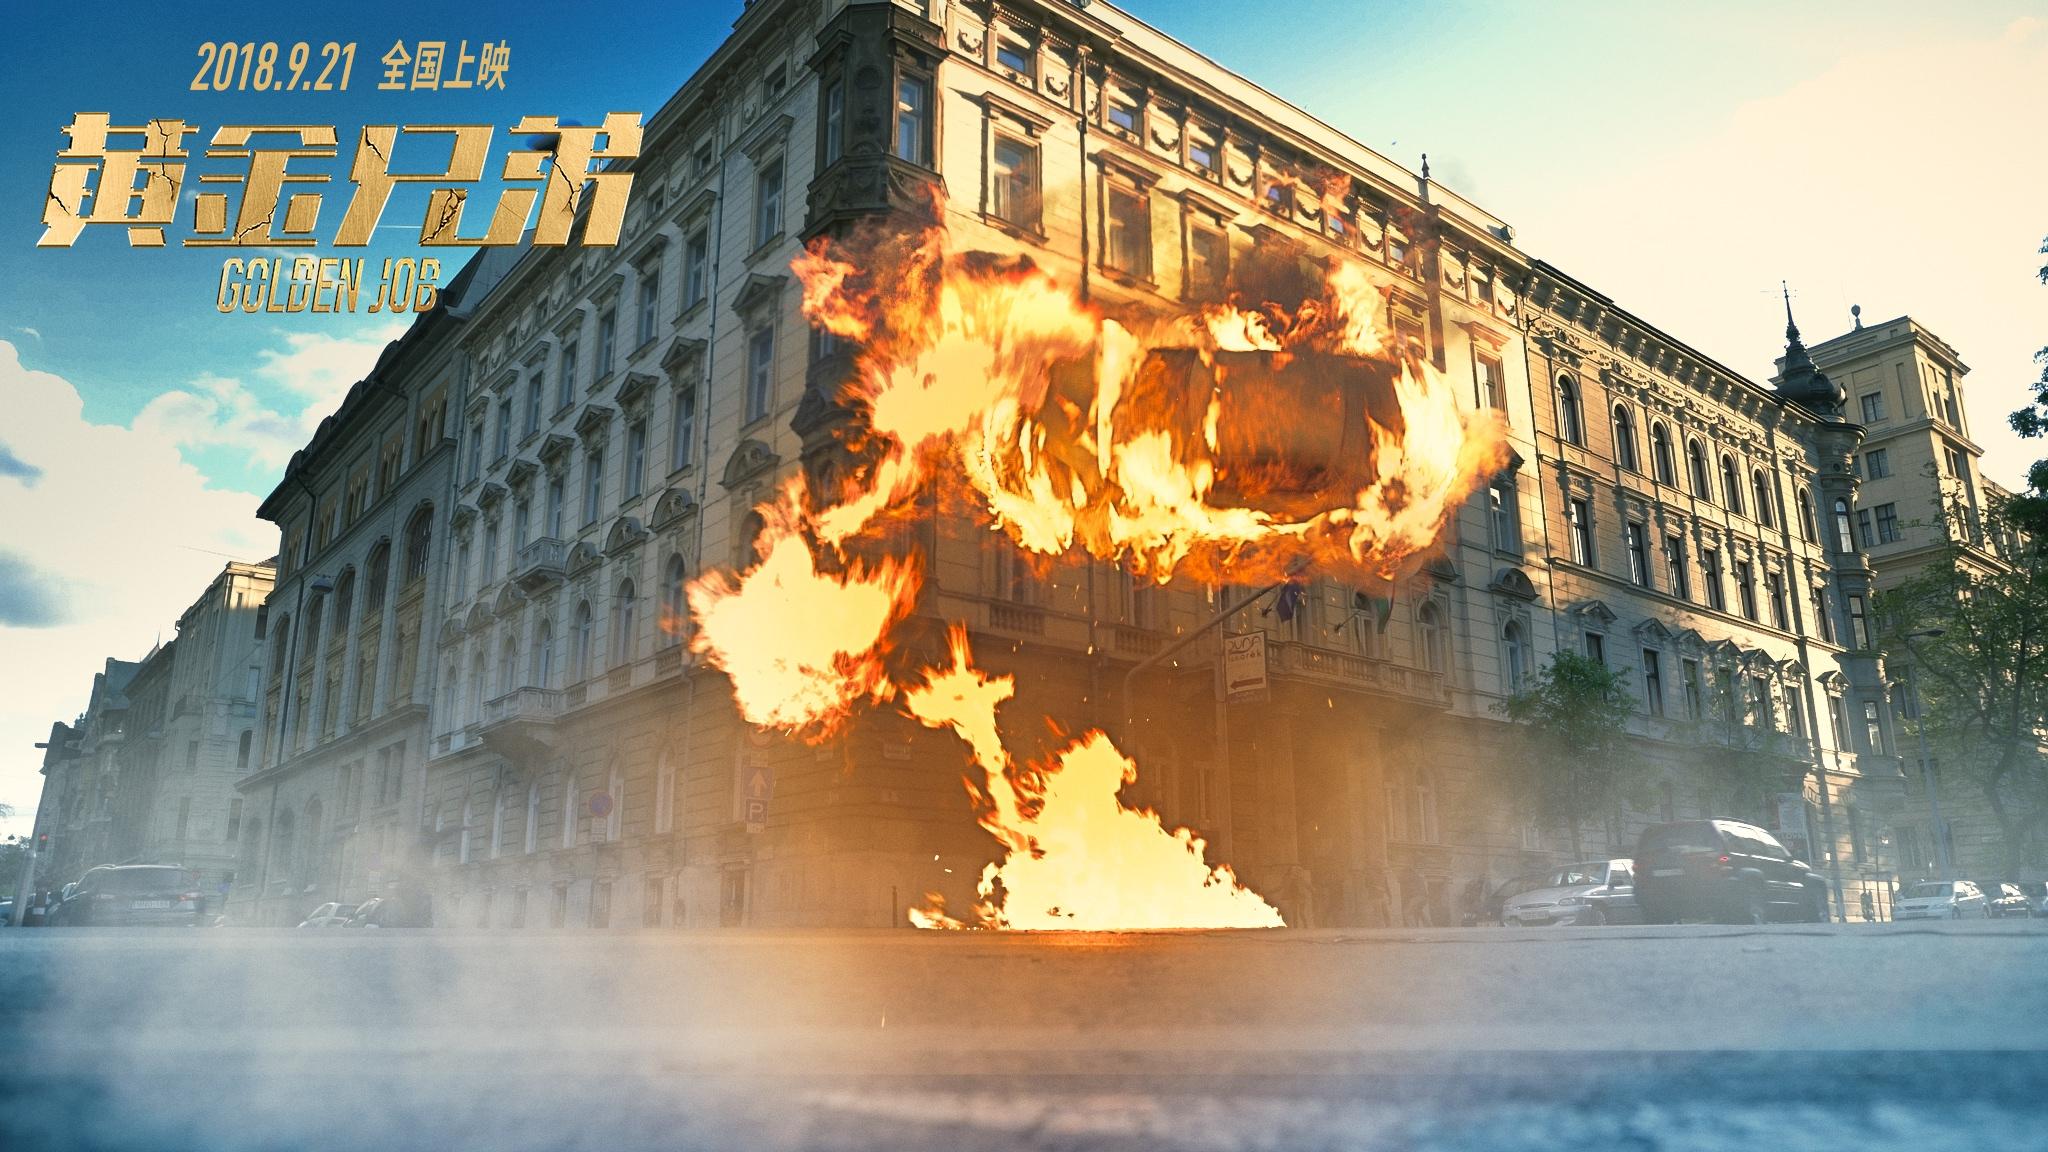 《黄金兄弟》中秋票房破2亿,动作戏精彩至极获洪金